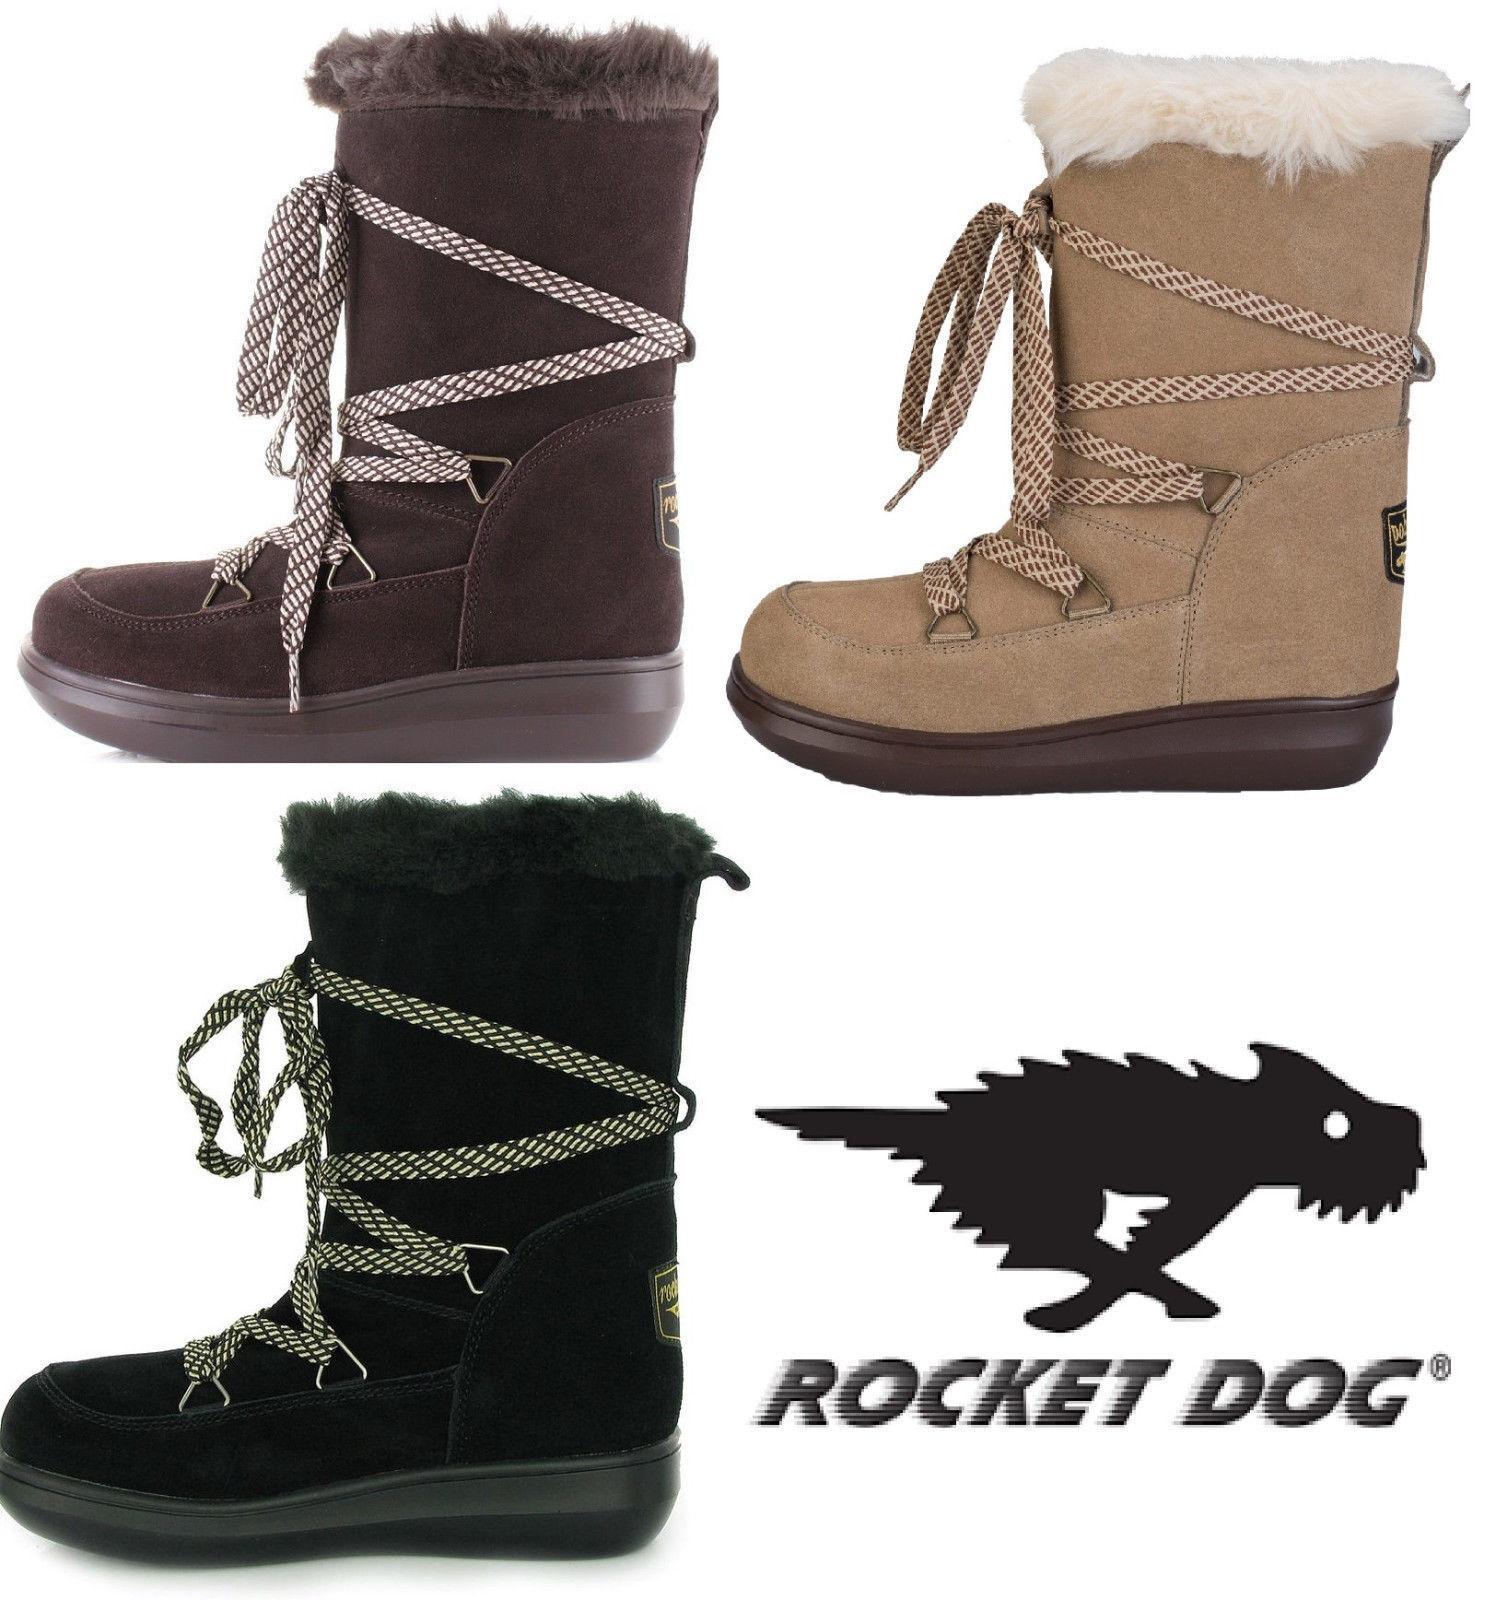 Rocket Wildleder Dog snowcrush Damen schnürbar Wildleder Rocket Winter Pelzfutter Stiefel NEU 057b1c